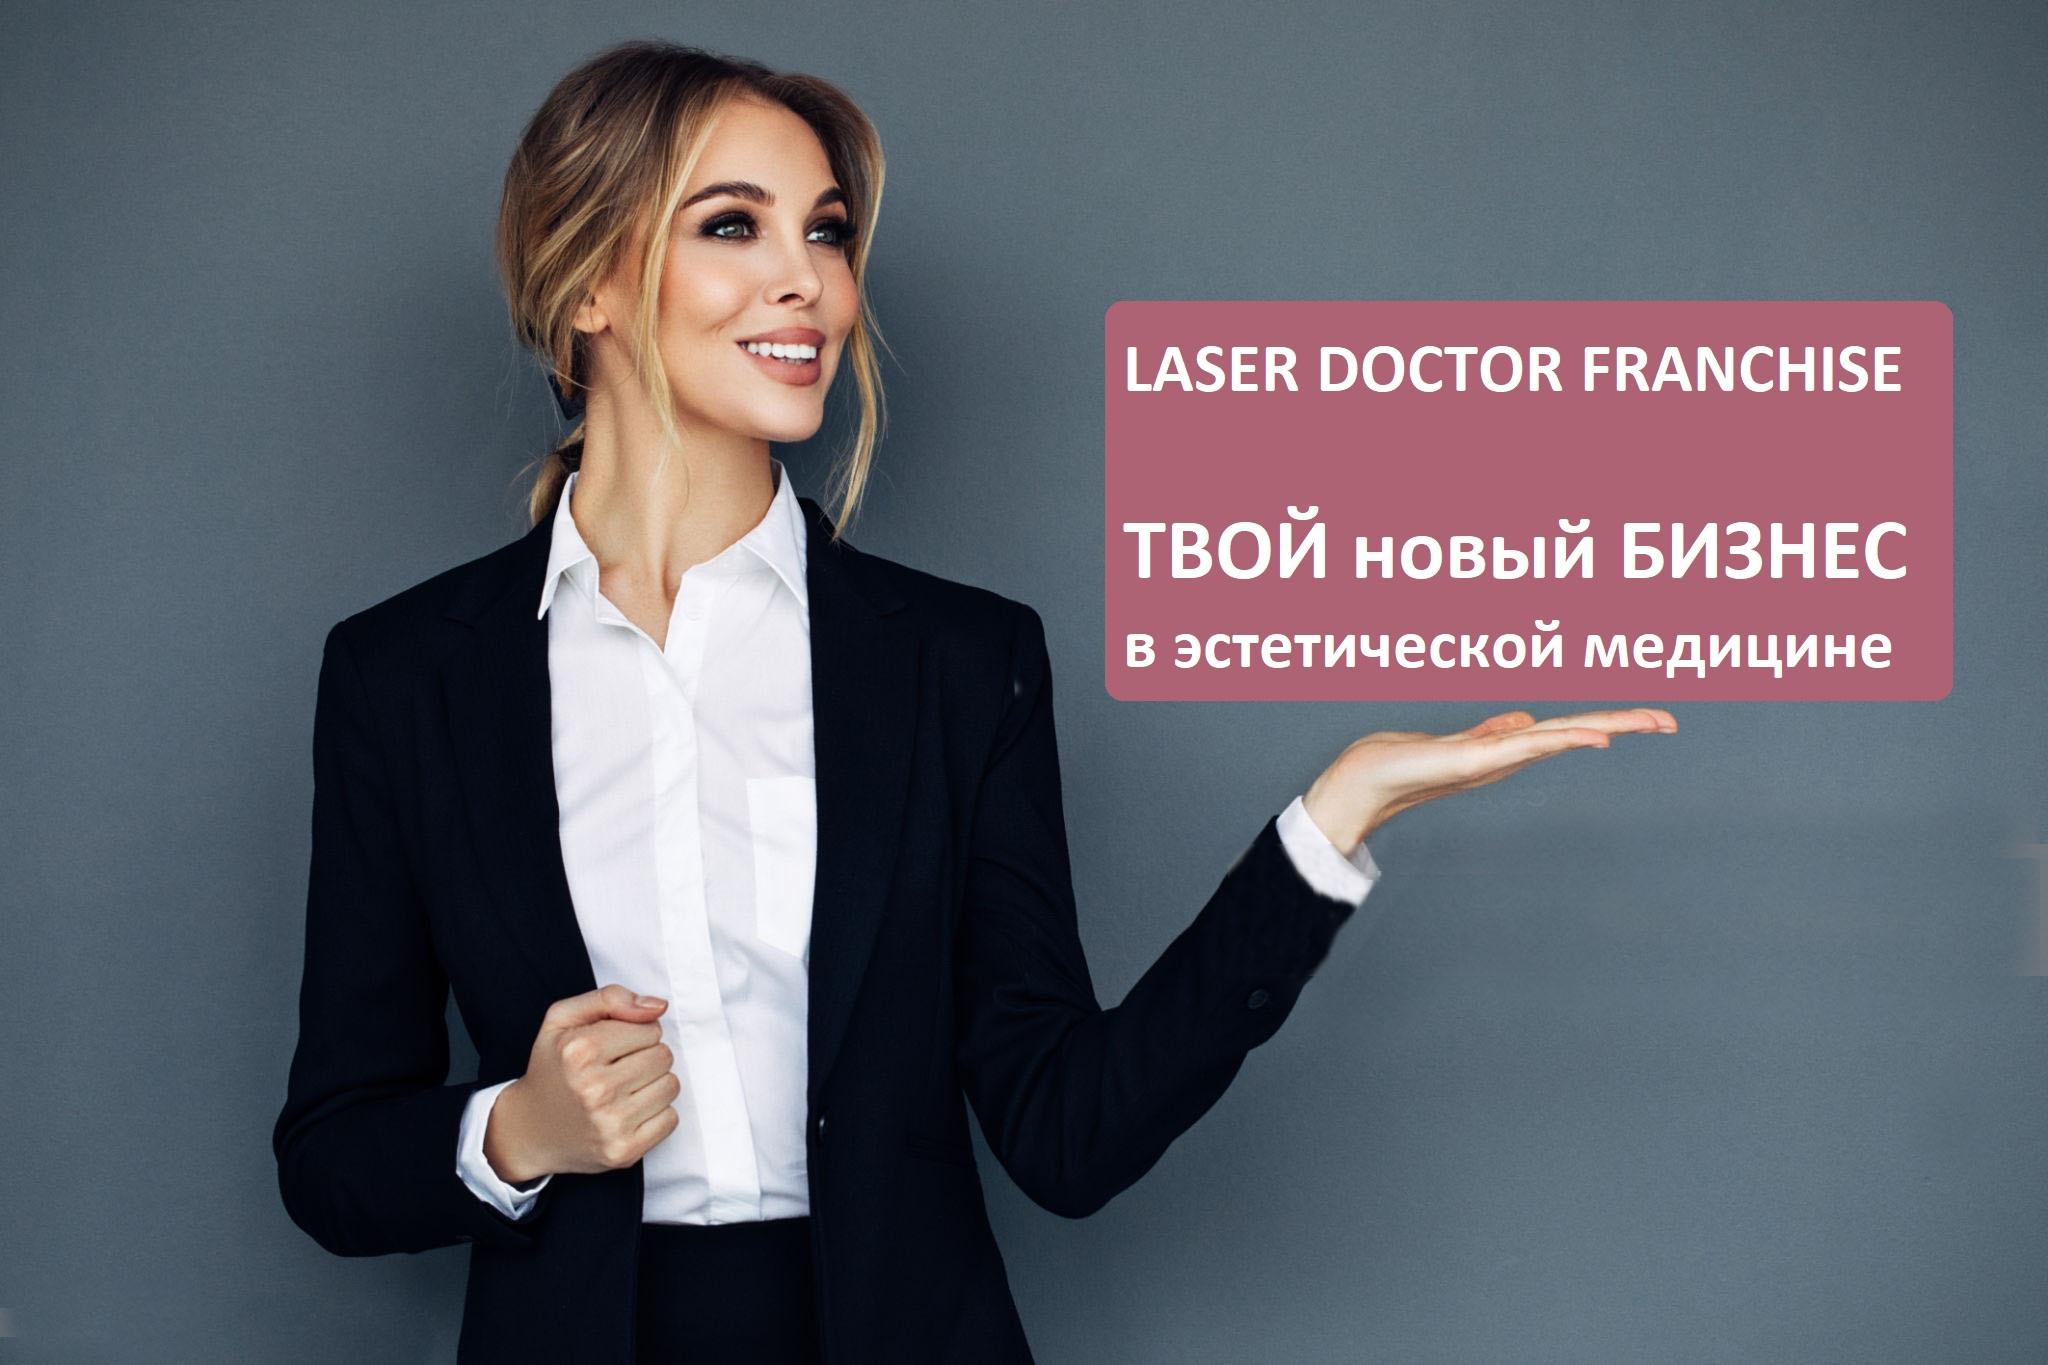 LASER DOCTOR  FRANCHISE